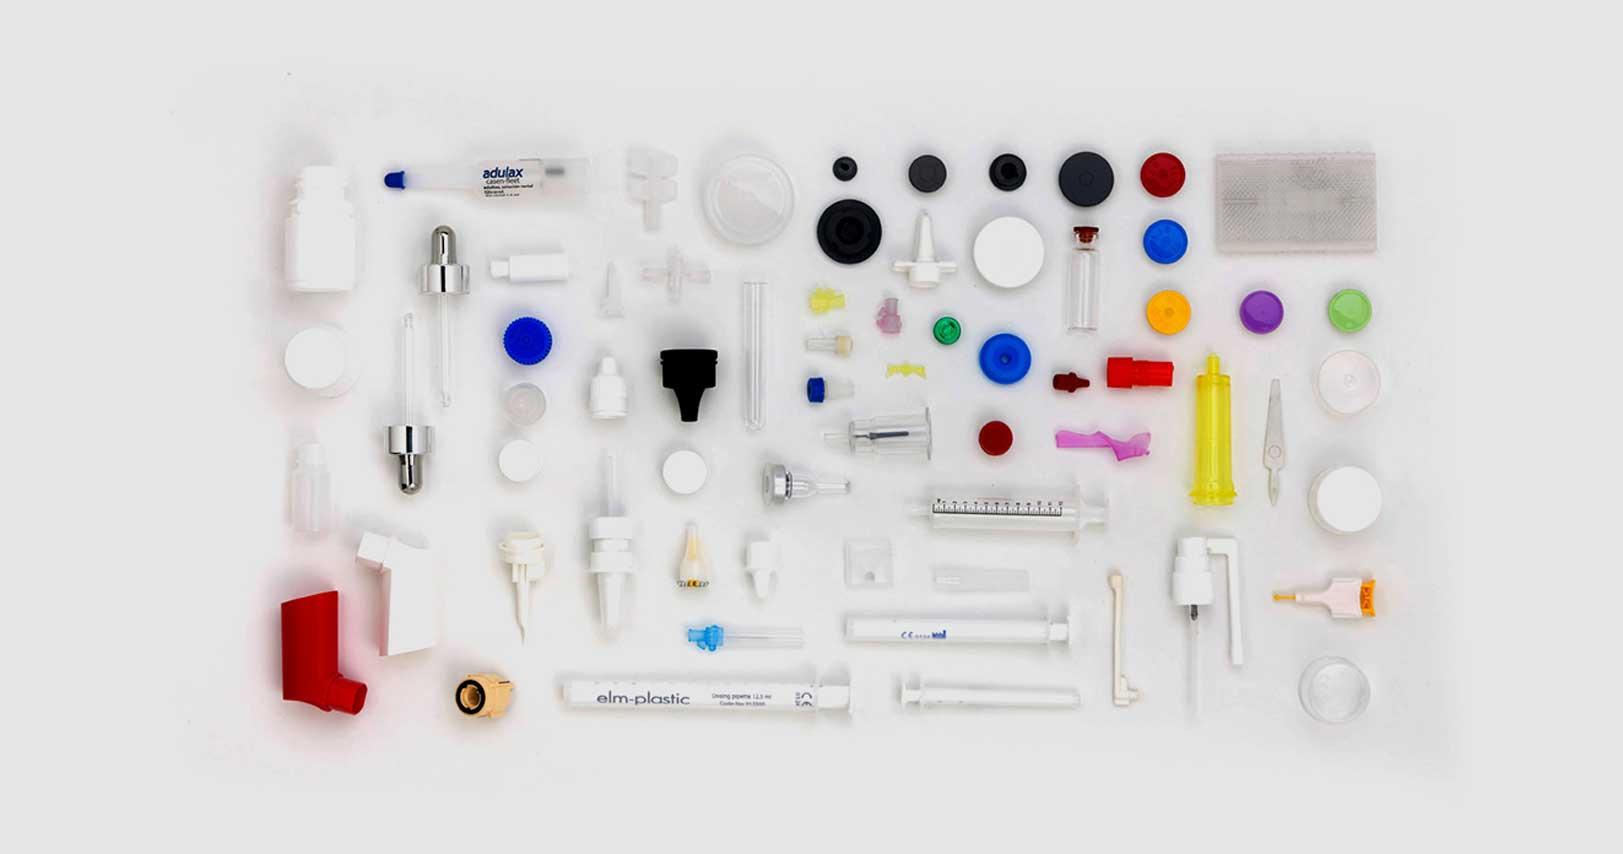 les produits pharmaceutiques fabriqués avec des machines électriques spéciales